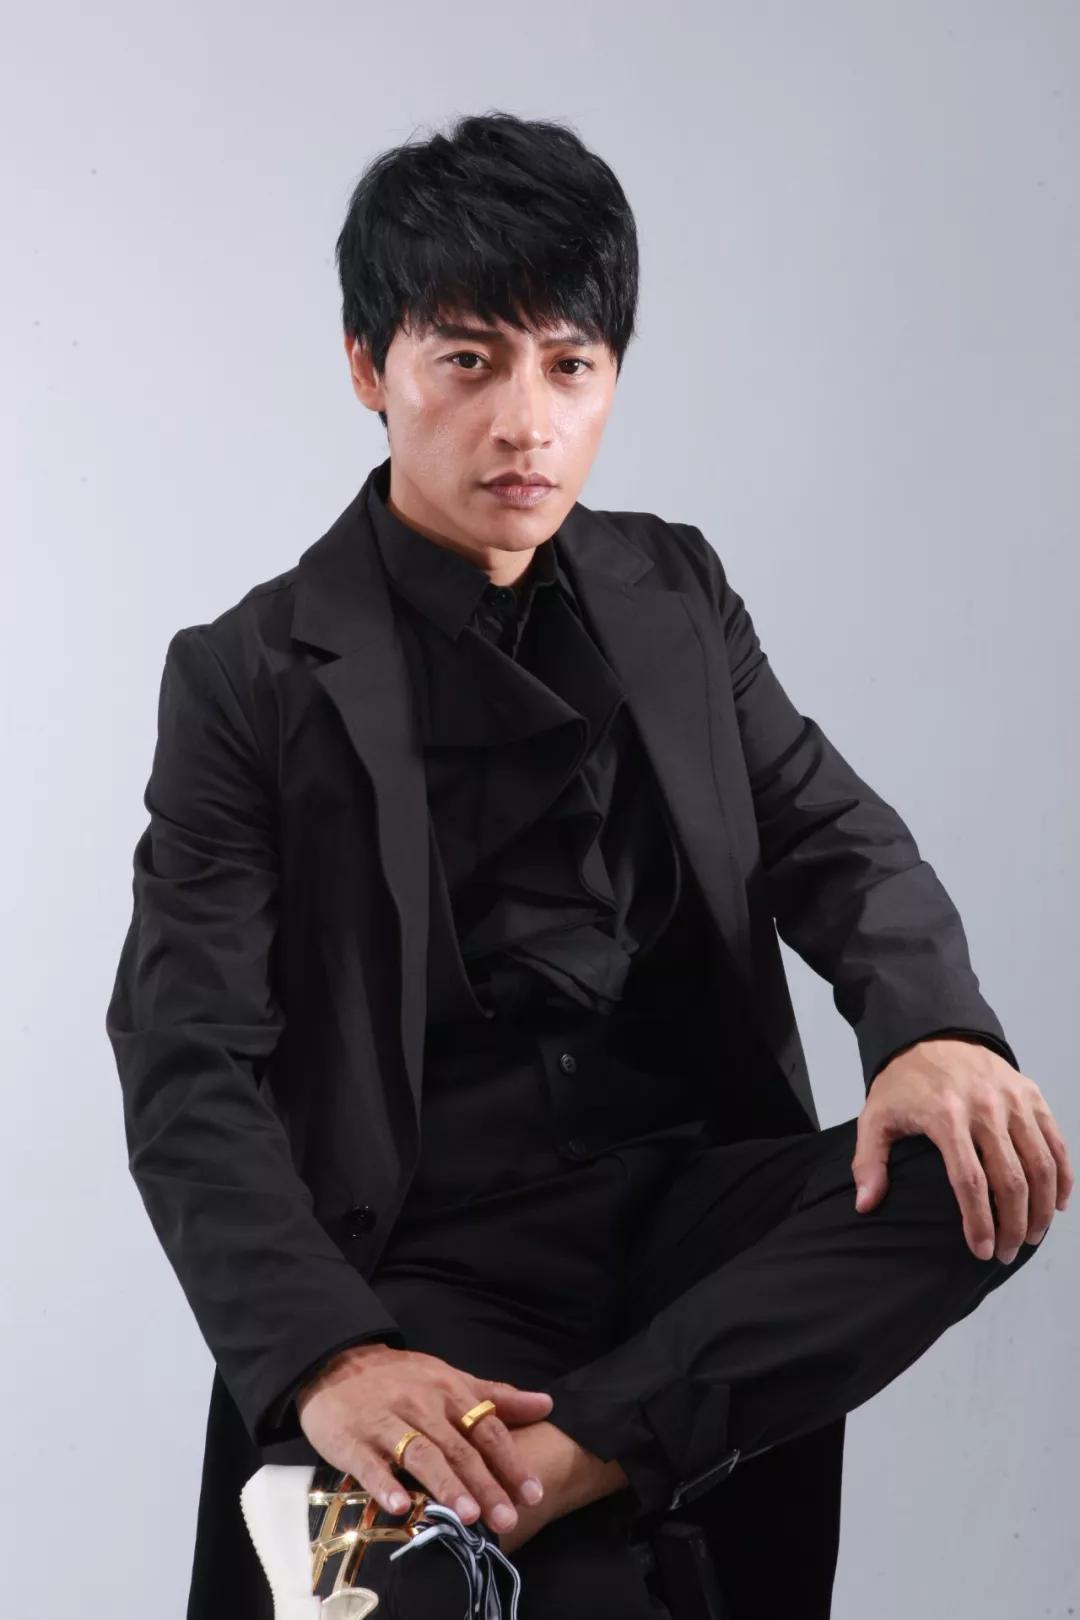 原创 时隔多年,陈志朋再谈小虎队,私下几乎不联系,自己活得开心就好